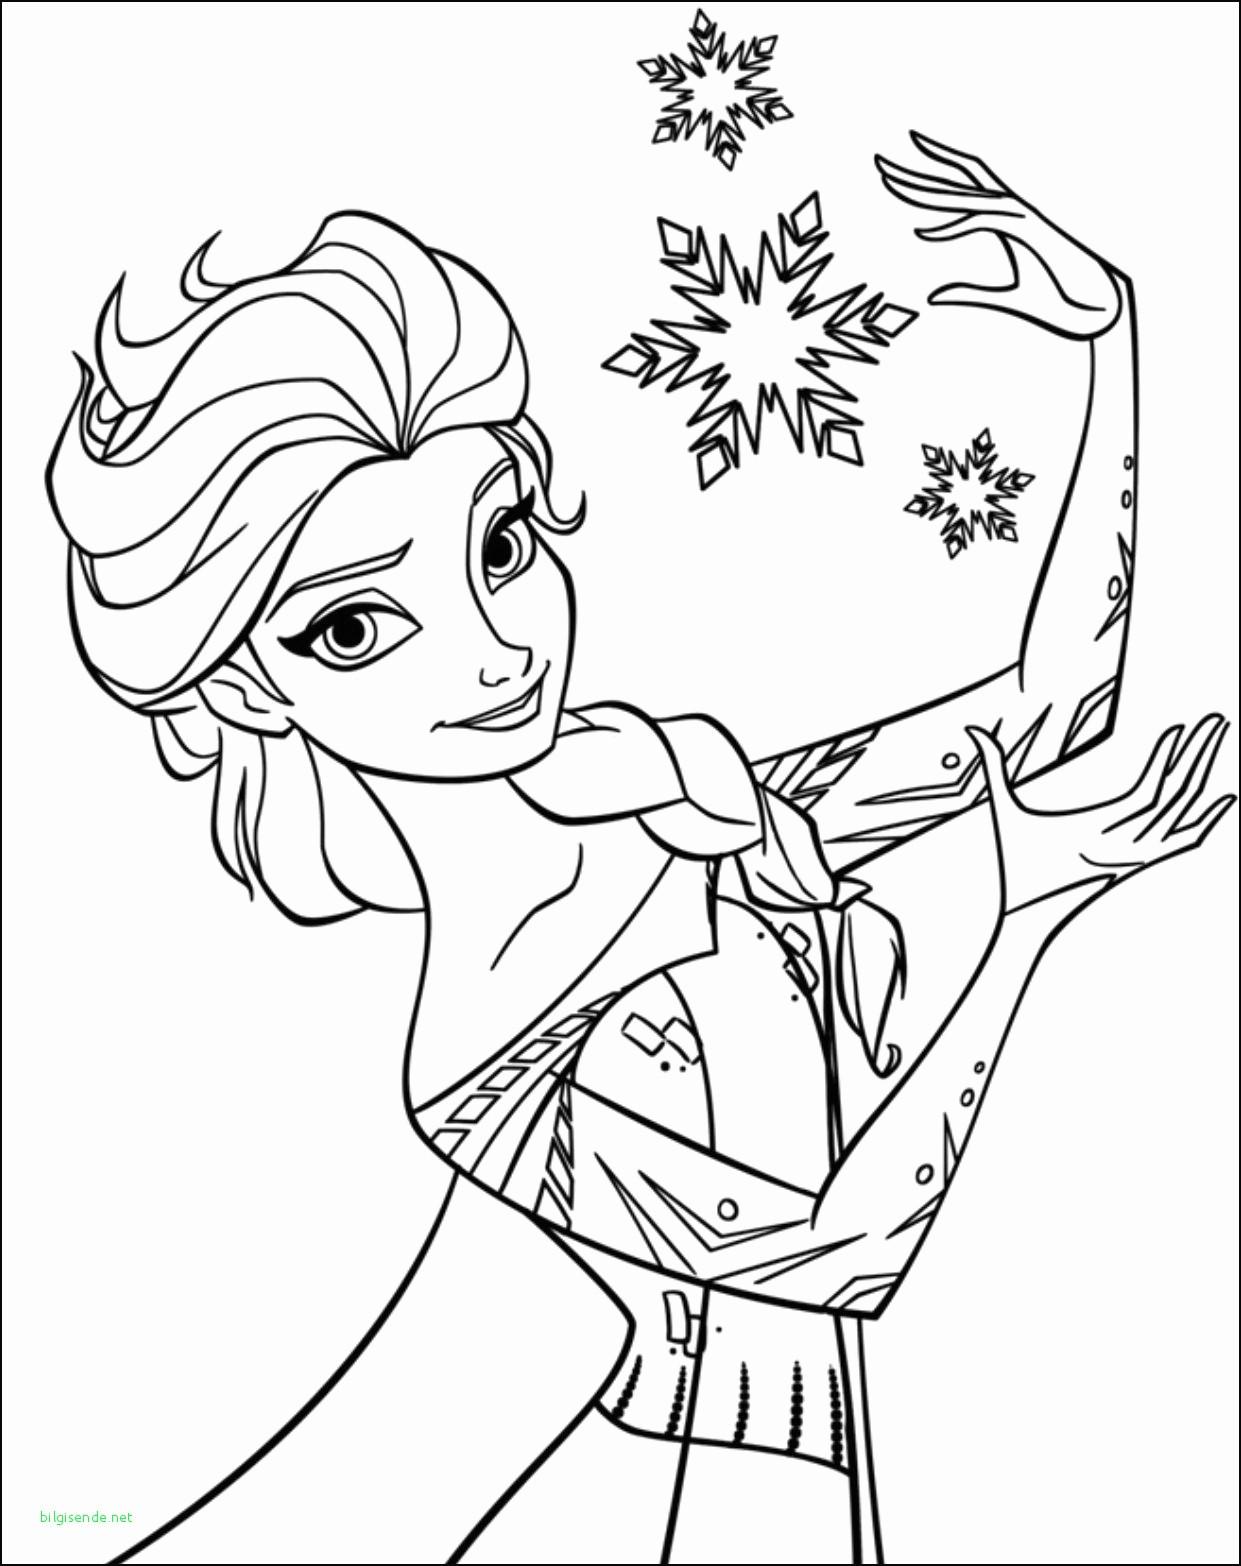 Ausmalbilder Prinzessin Disney Prinzessinnen Das Beste Von Anna Und Elsa Ausmalbilder Luxus Luxury Disney Princess 0gdr Galerie